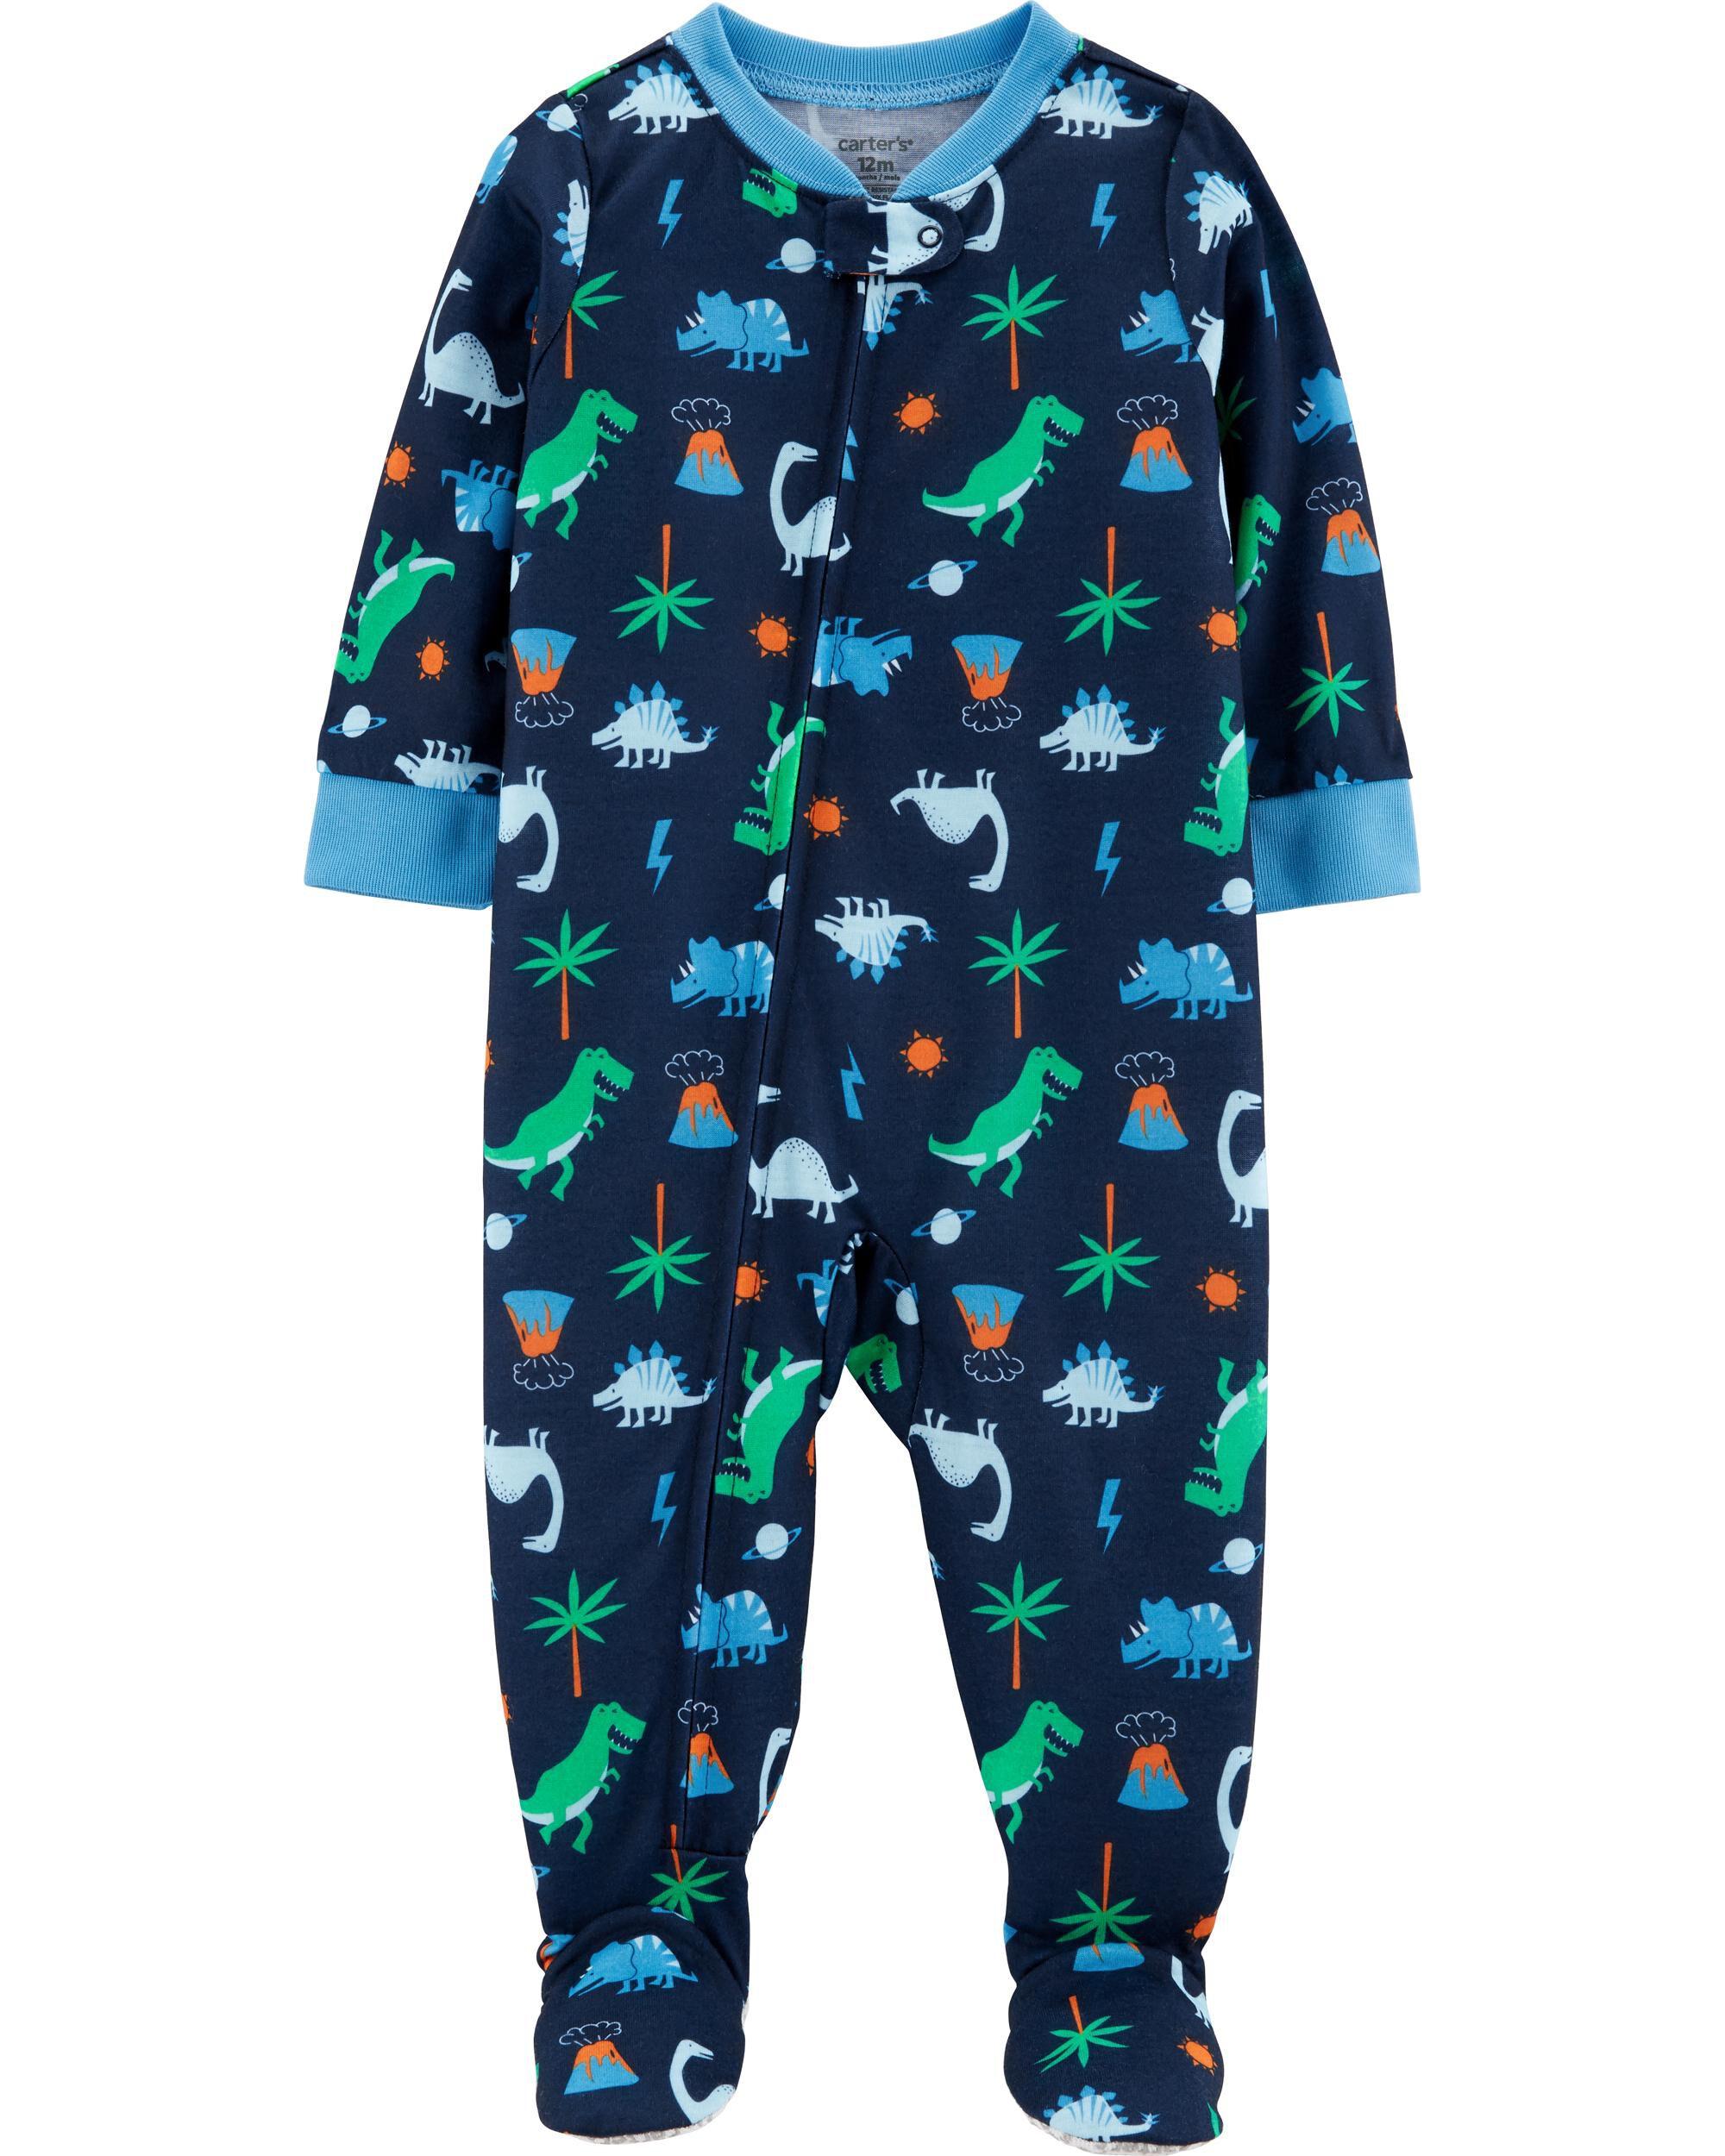 Carters Boys One piece Footed pajamas